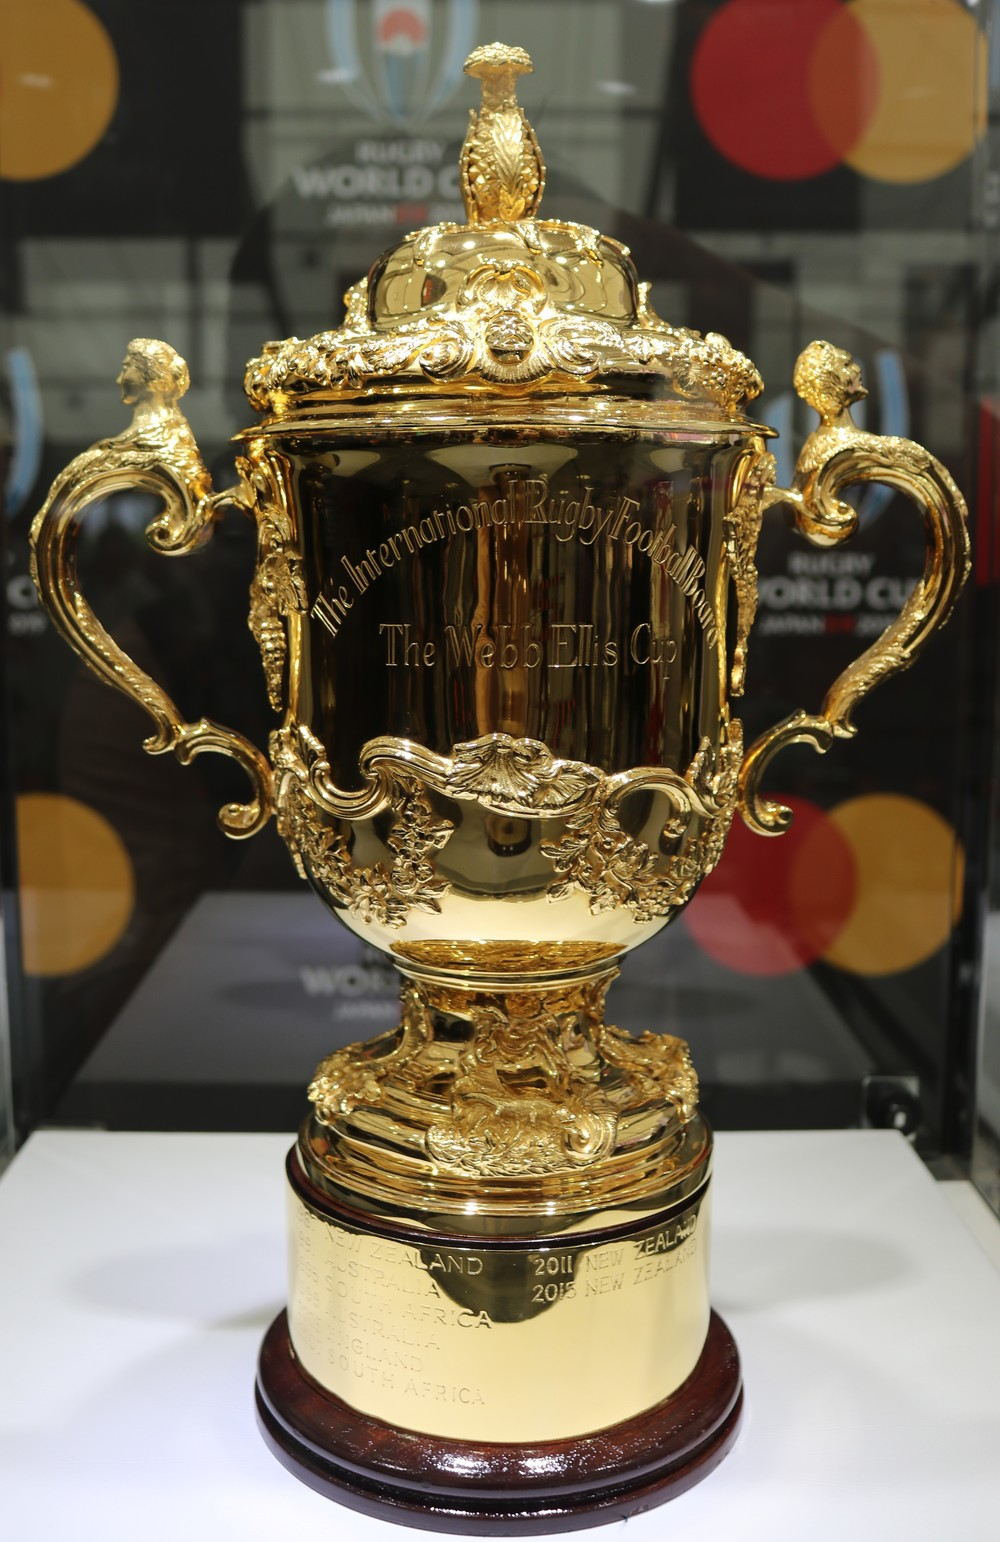 ラグビーW杯の優勝トロフィー「エリス杯」 その取り扱いには、厳格なルールが存在する